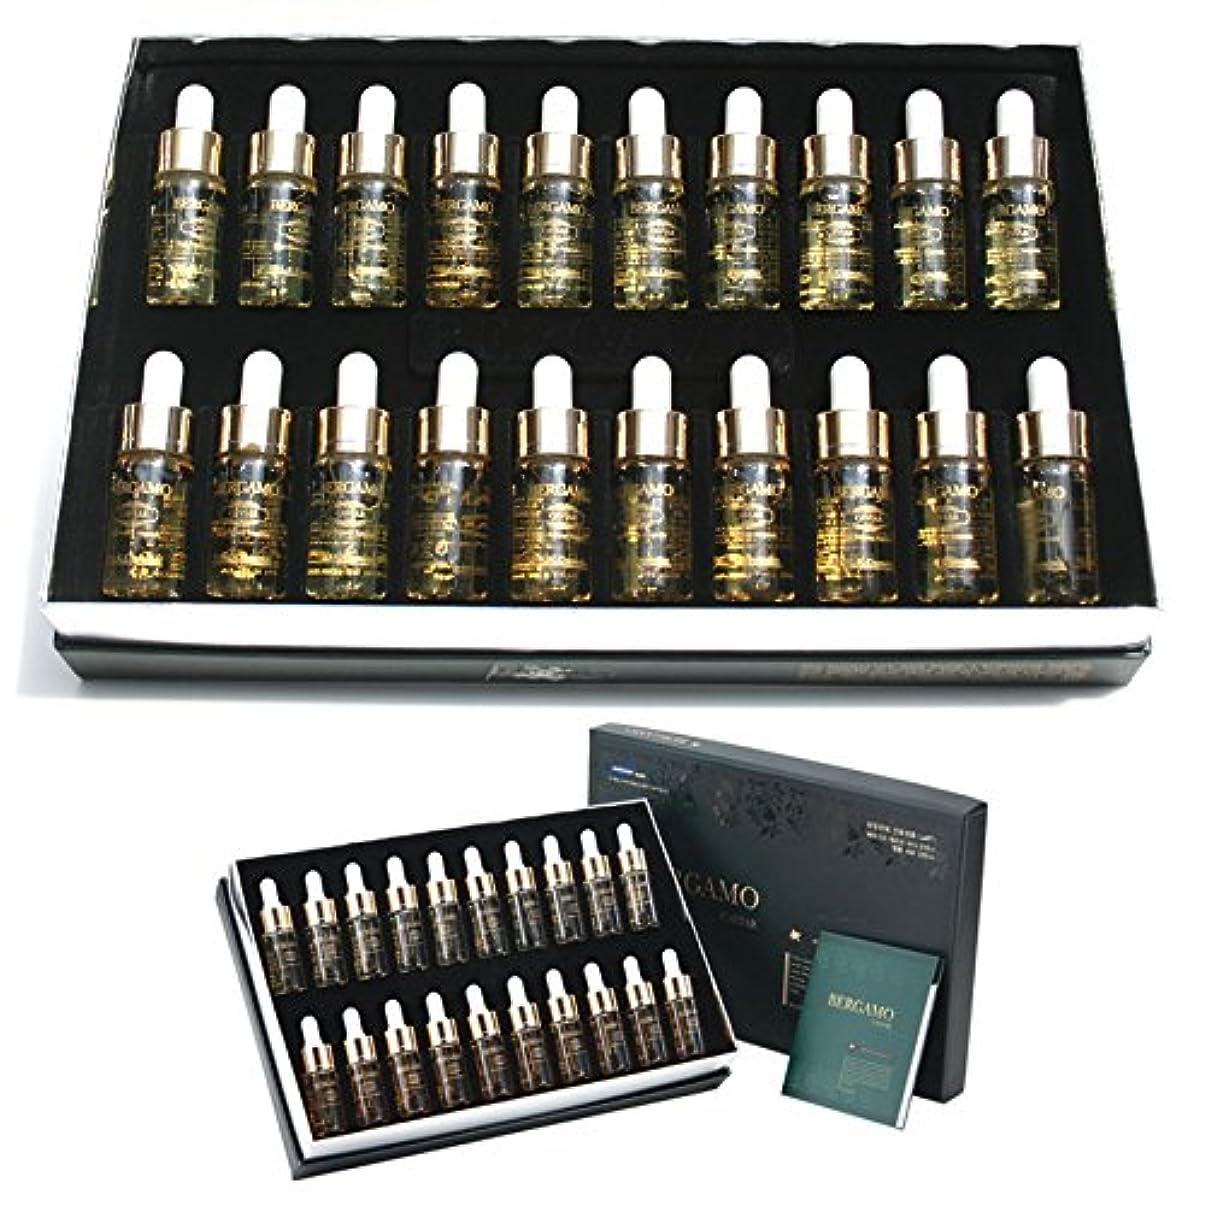 バスルーム座標ネーピア[ベルガモ]Bergamo/キャビア高効力のビタミンアンプルセット13ml * 20ea/Caviar High Potency Vitamin Ampoule Set 13ml * 20ea/韓国化粧品/Korean...